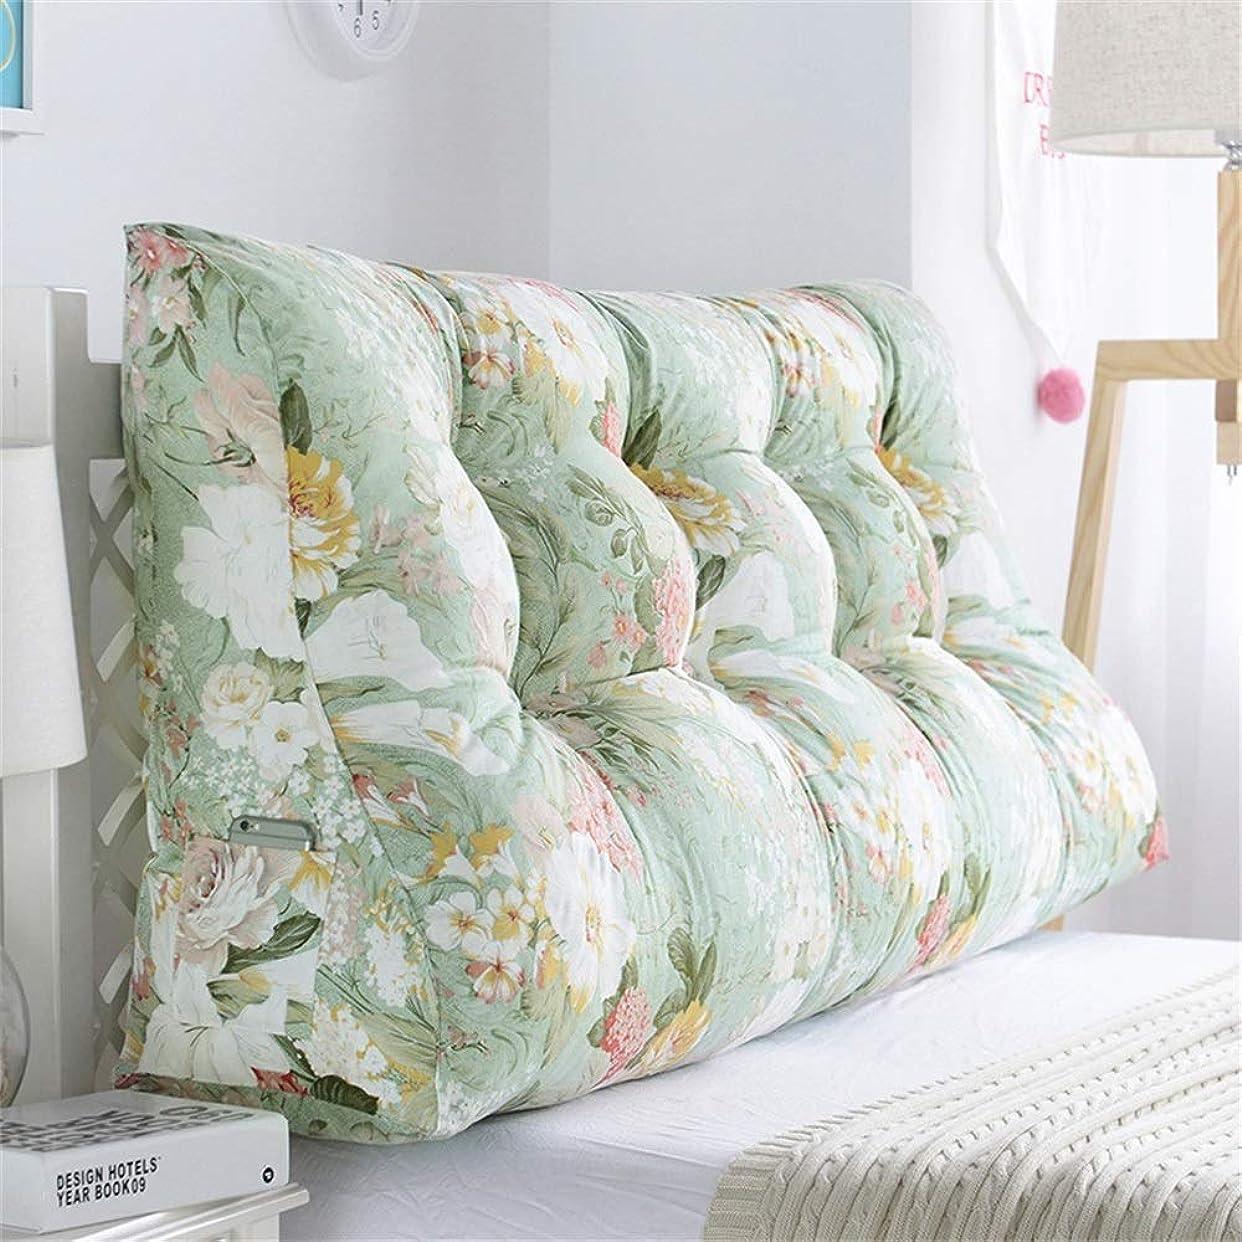 ドキドキ訪問路地GLP ベッドサイドクッション三角背もたれ腰のソファ大きな枕張りパッド22色&8サイズで取り外し可能 (Color : M, Size : 90x30x60cm)